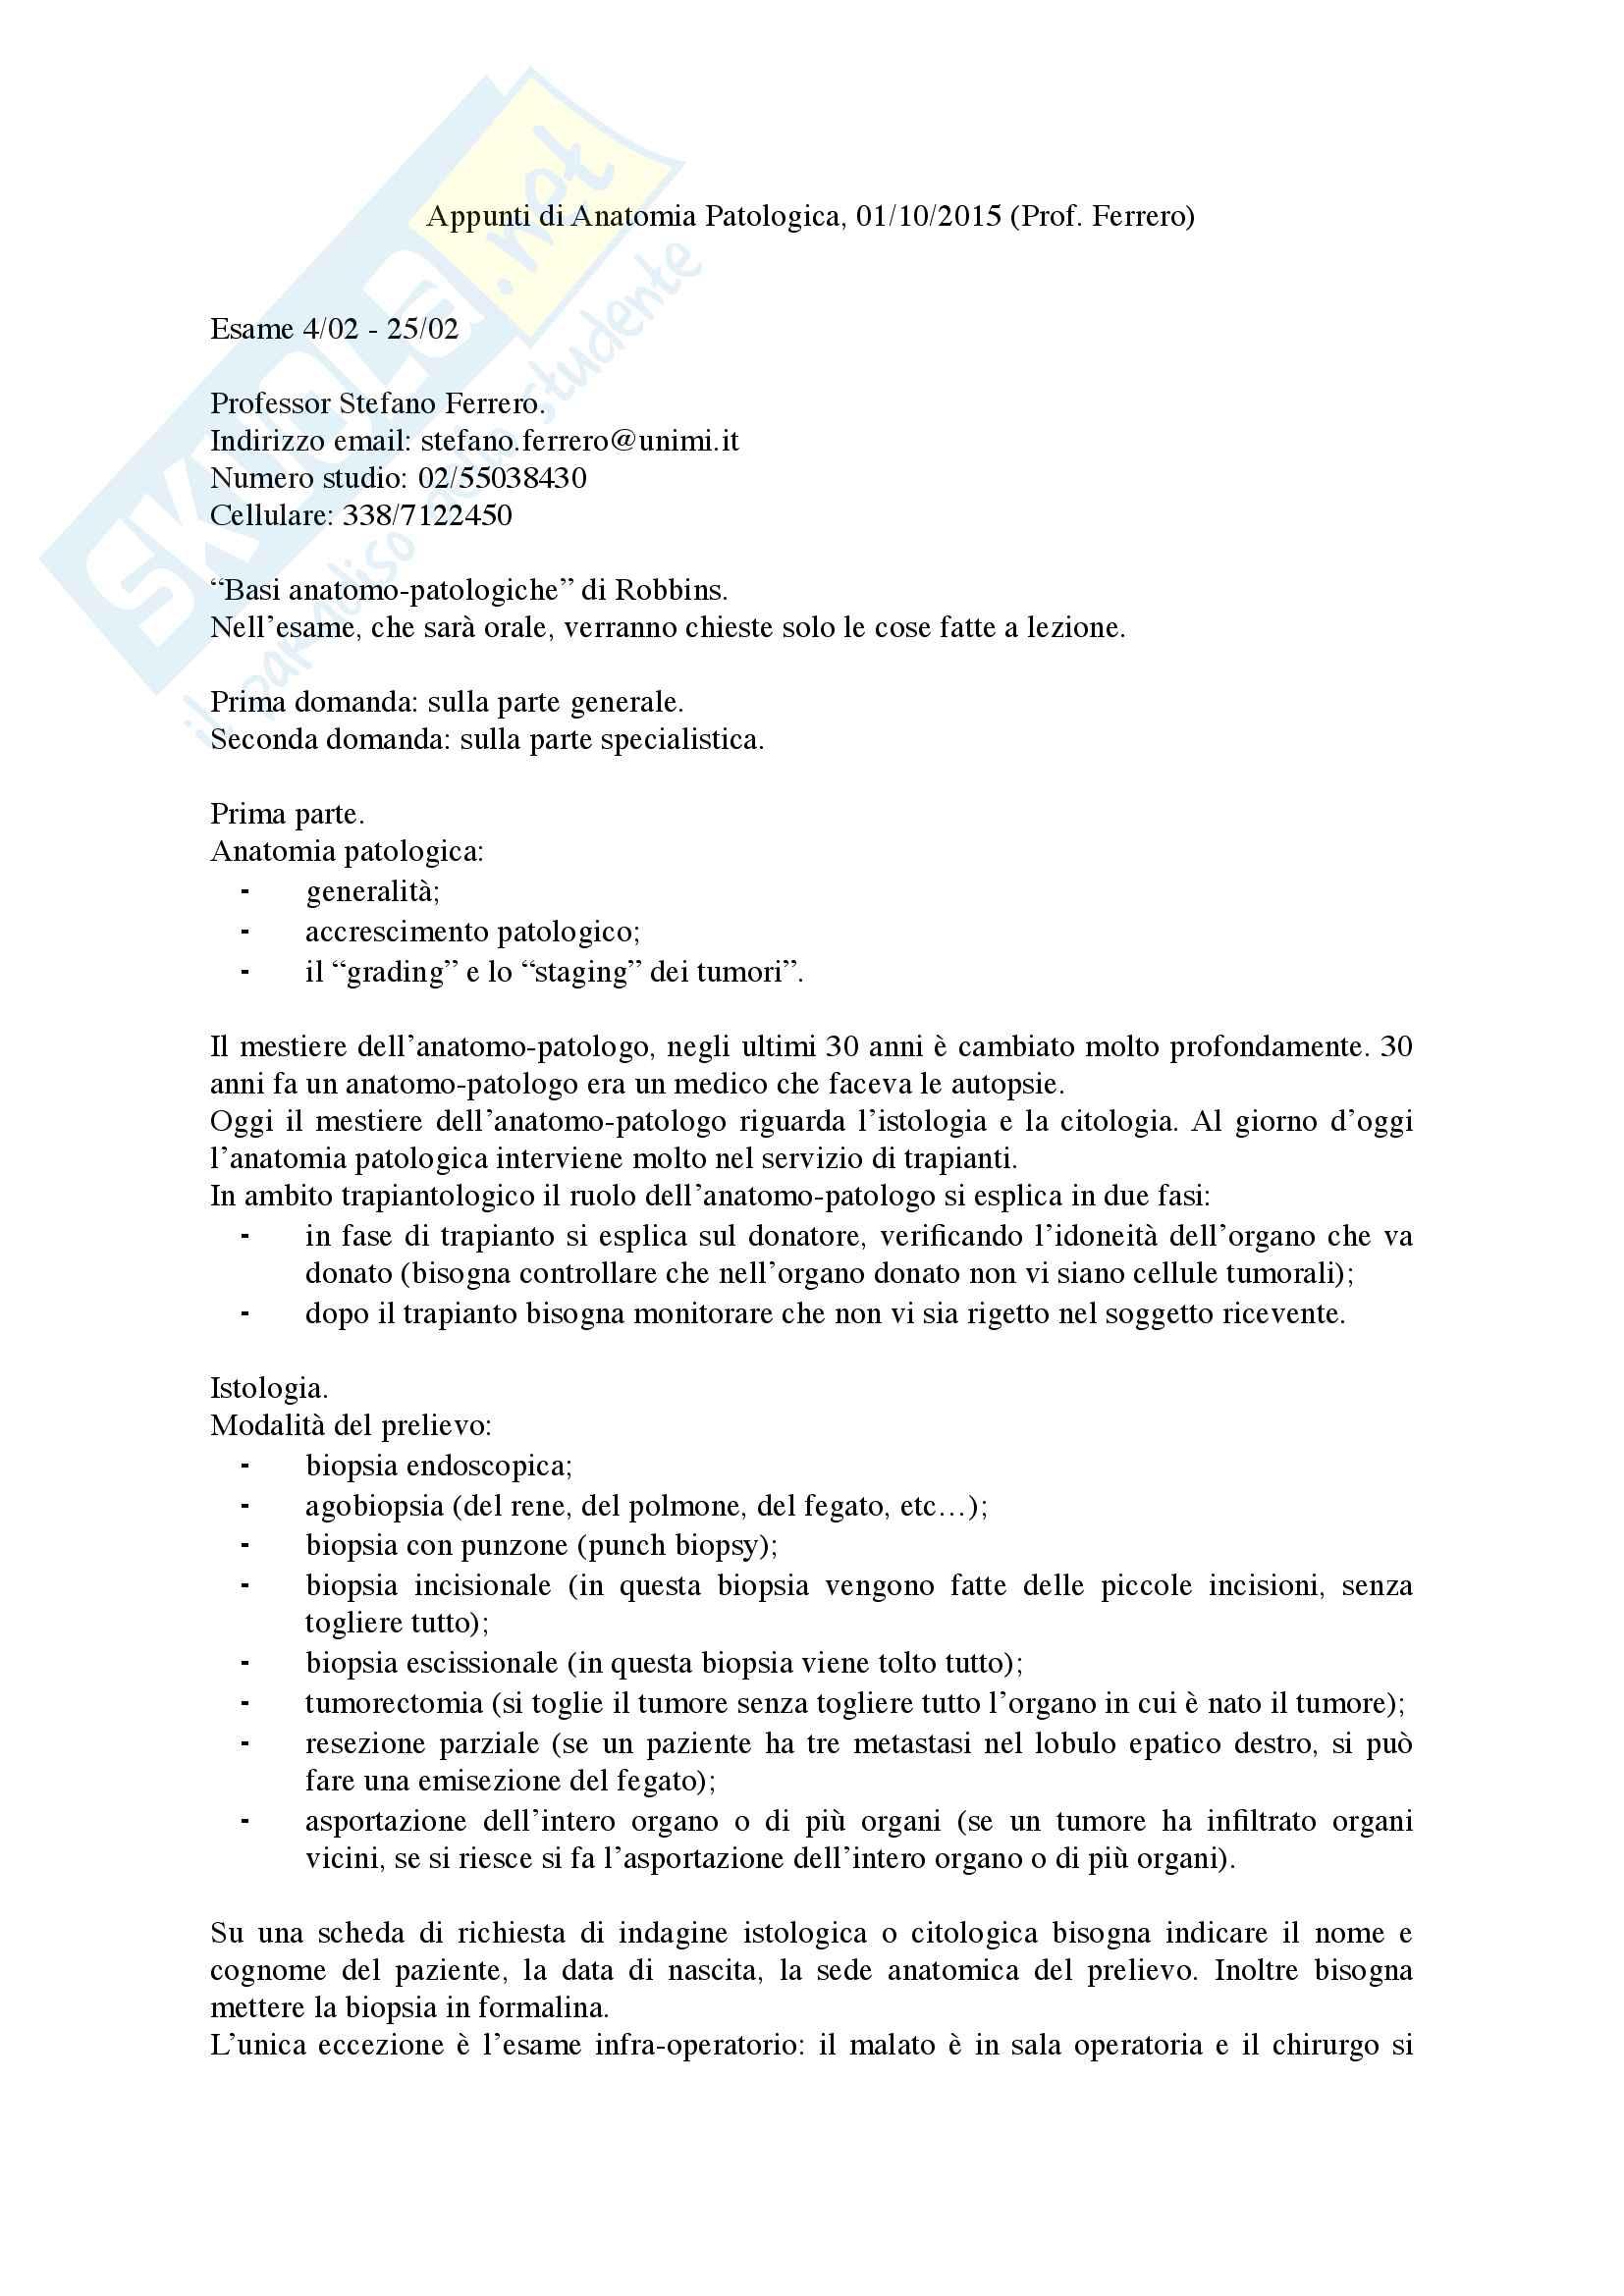 Appunti di Anatomia Patologica